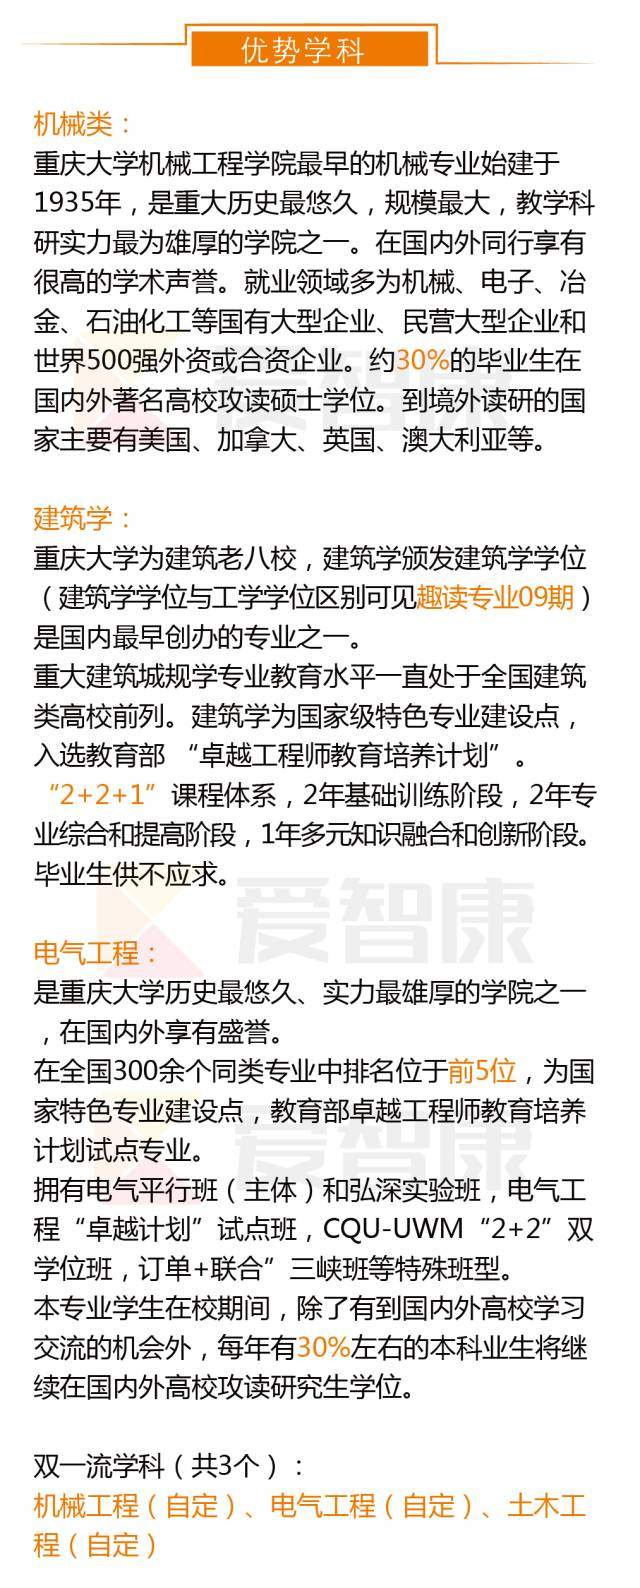 重庆大学优势学科